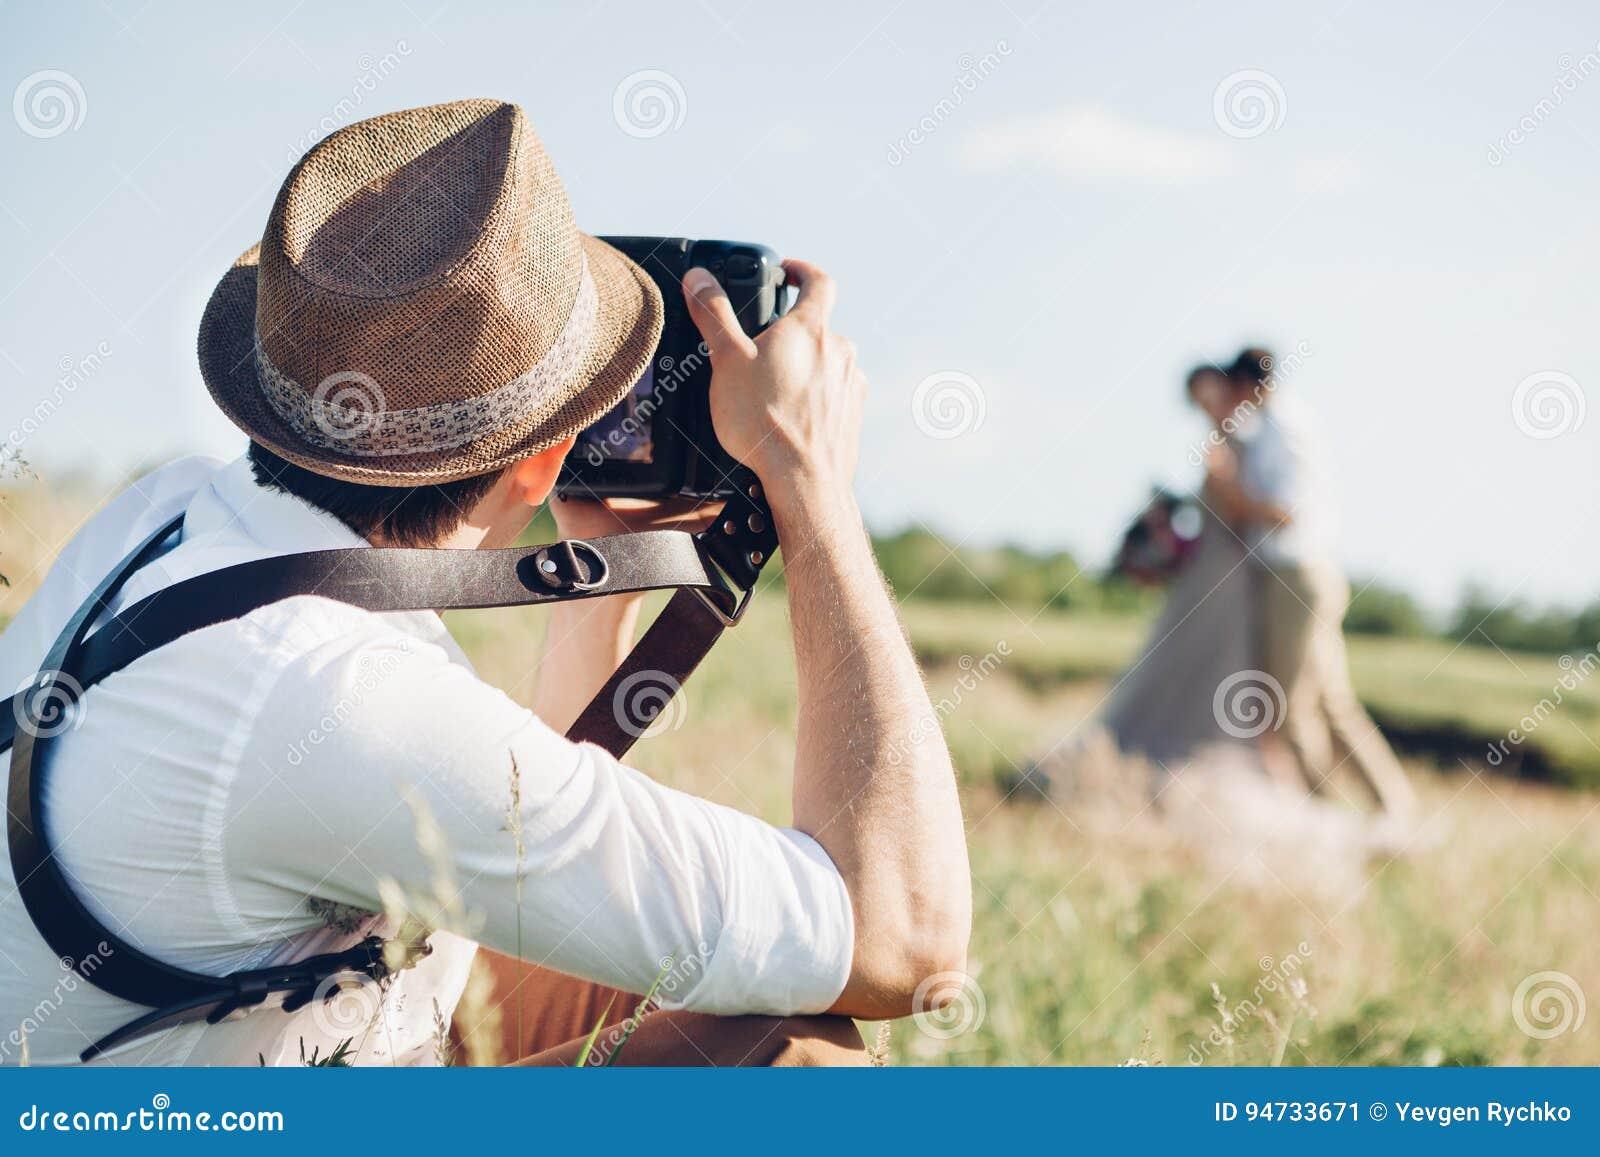 Ο γαμήλιος φωτογράφος παίρνει τις εικόνες της νύφης και του νεόνυμφου στη φύση, φωτογραφία Καλών Τεχνών